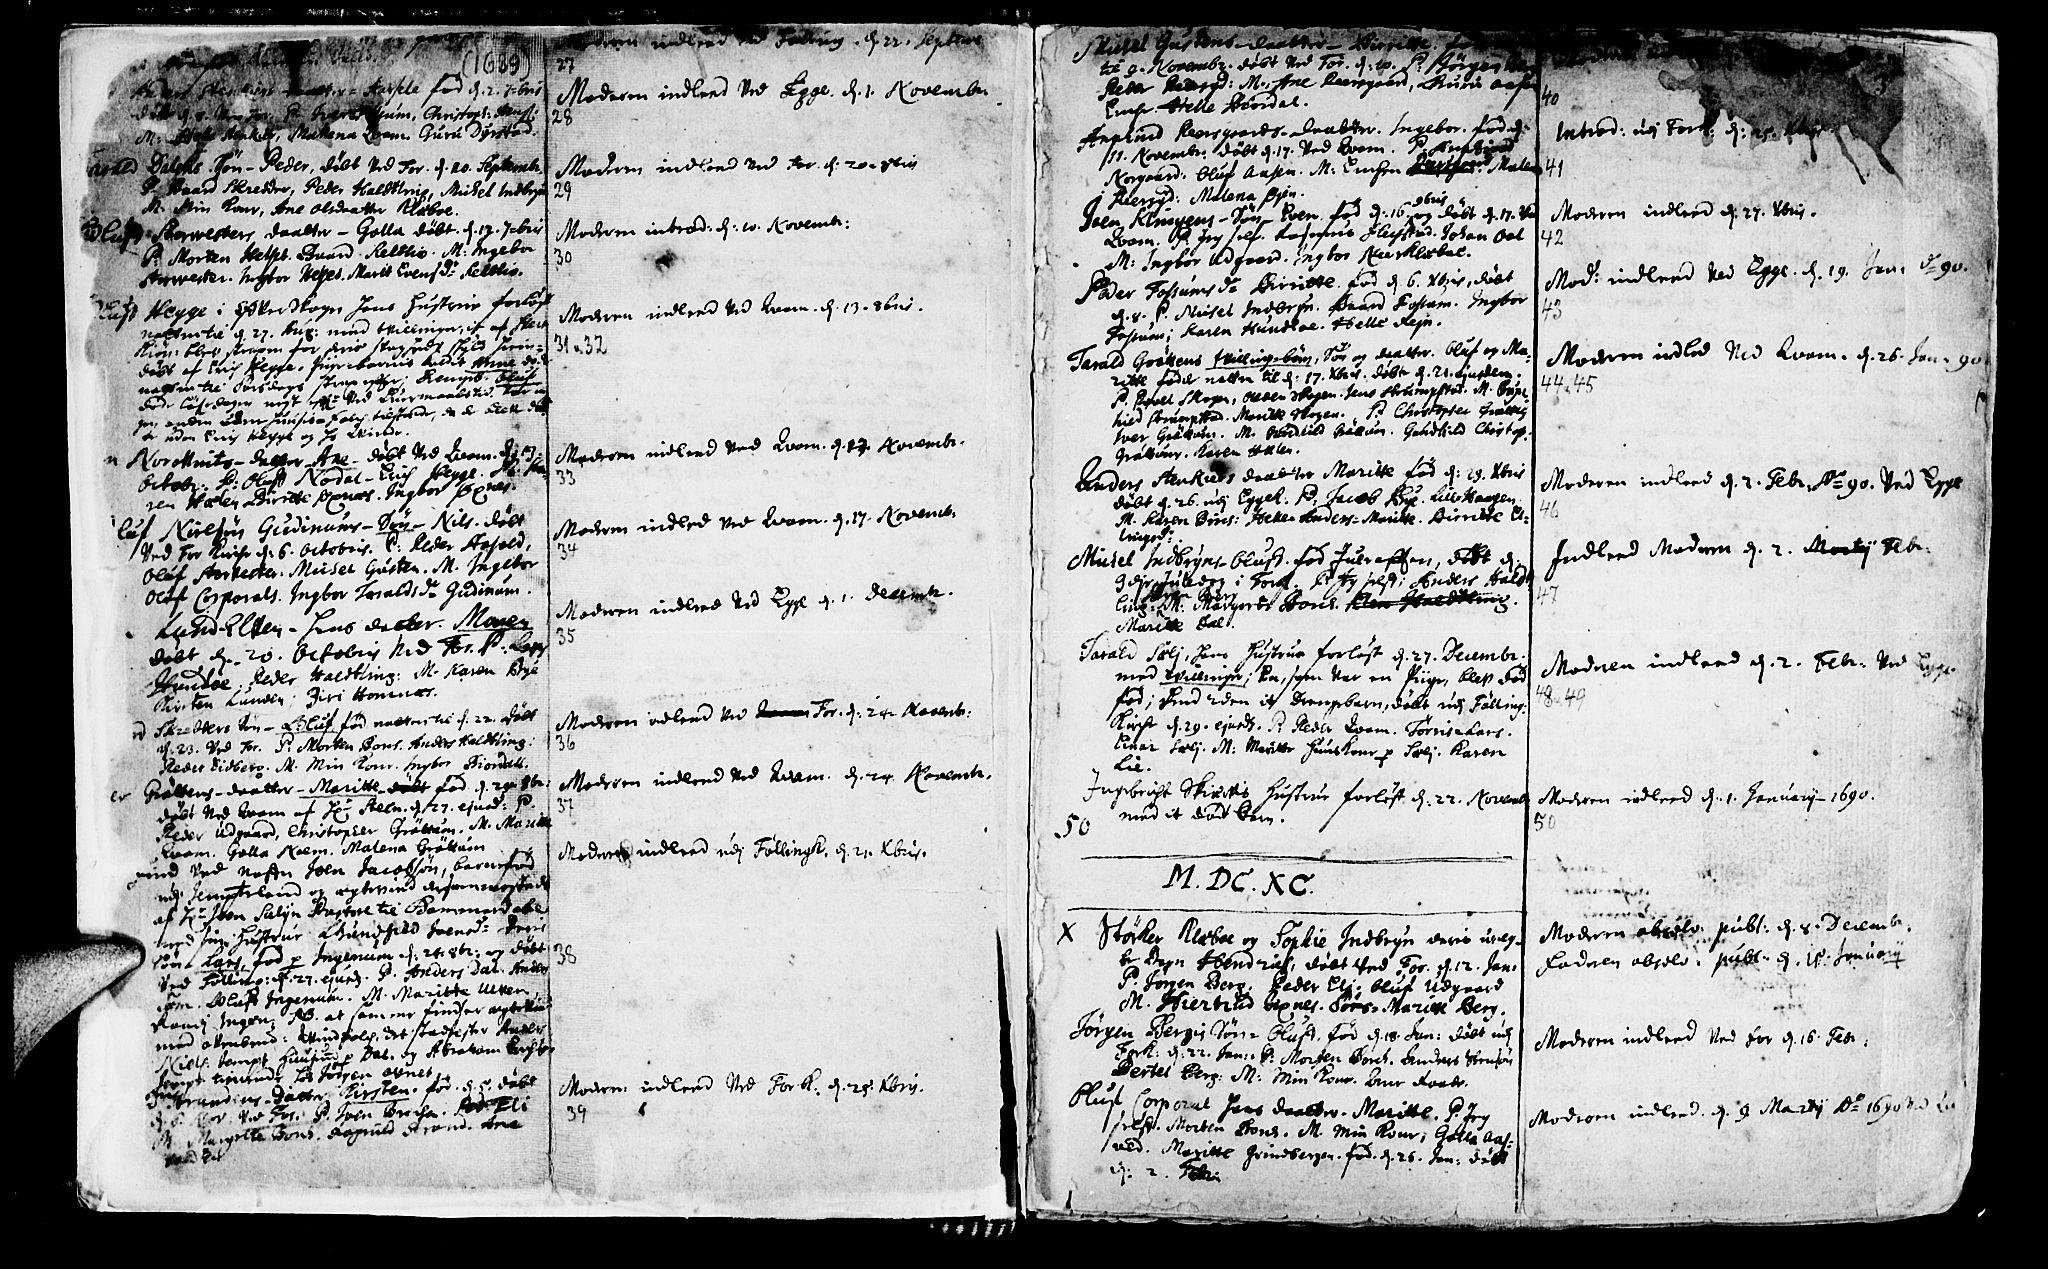 SAT, Ministerialprotokoller, klokkerbøker og fødselsregistre - Nord-Trøndelag, 746/L0439: Ministerialbok nr. 746A01, 1688-1759, s. 3